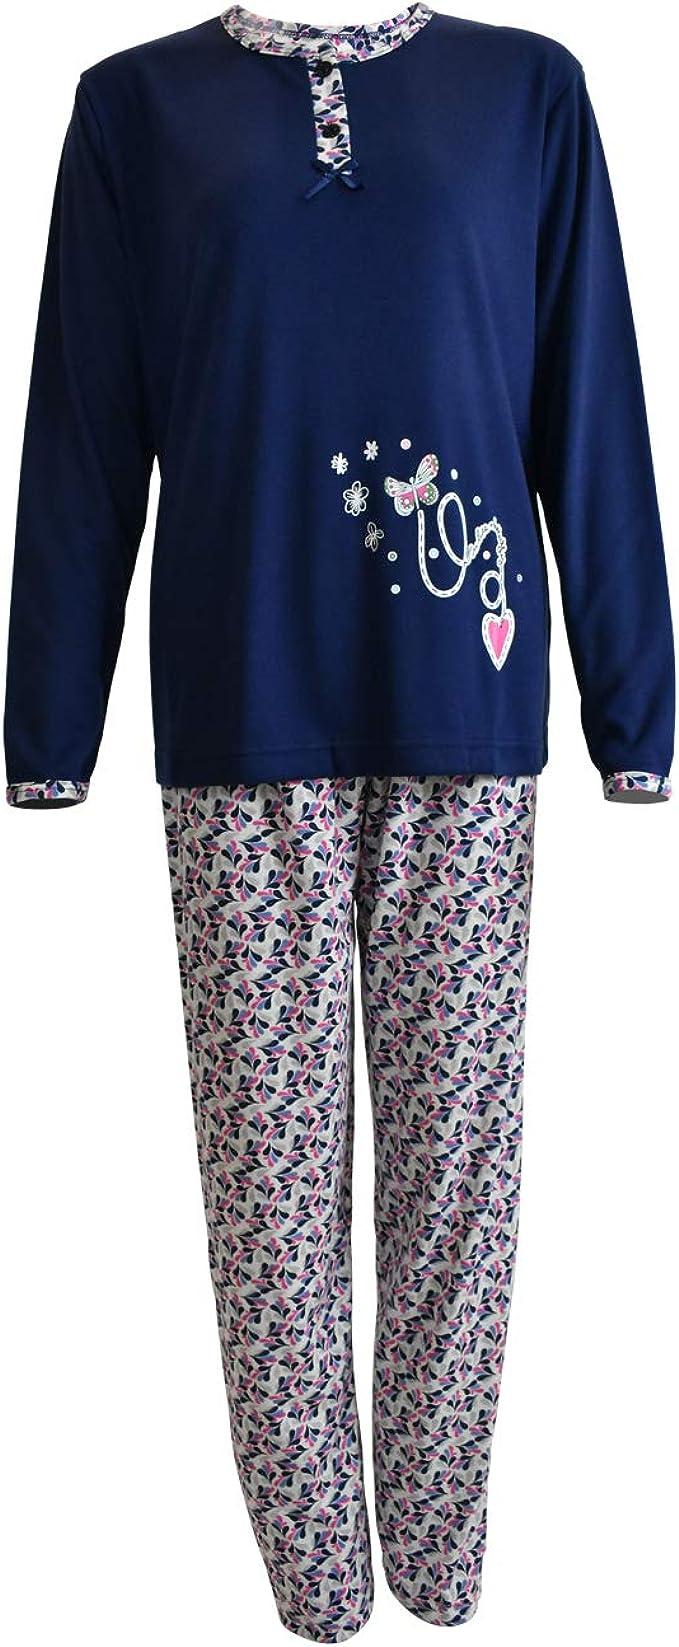 Mini kitten - Pijama de Mujer de Algodón Calido de Conjuntos Largo para Invierno de Estampado y Pantalon Estampado: Amazon.es: Ropa y accesorios